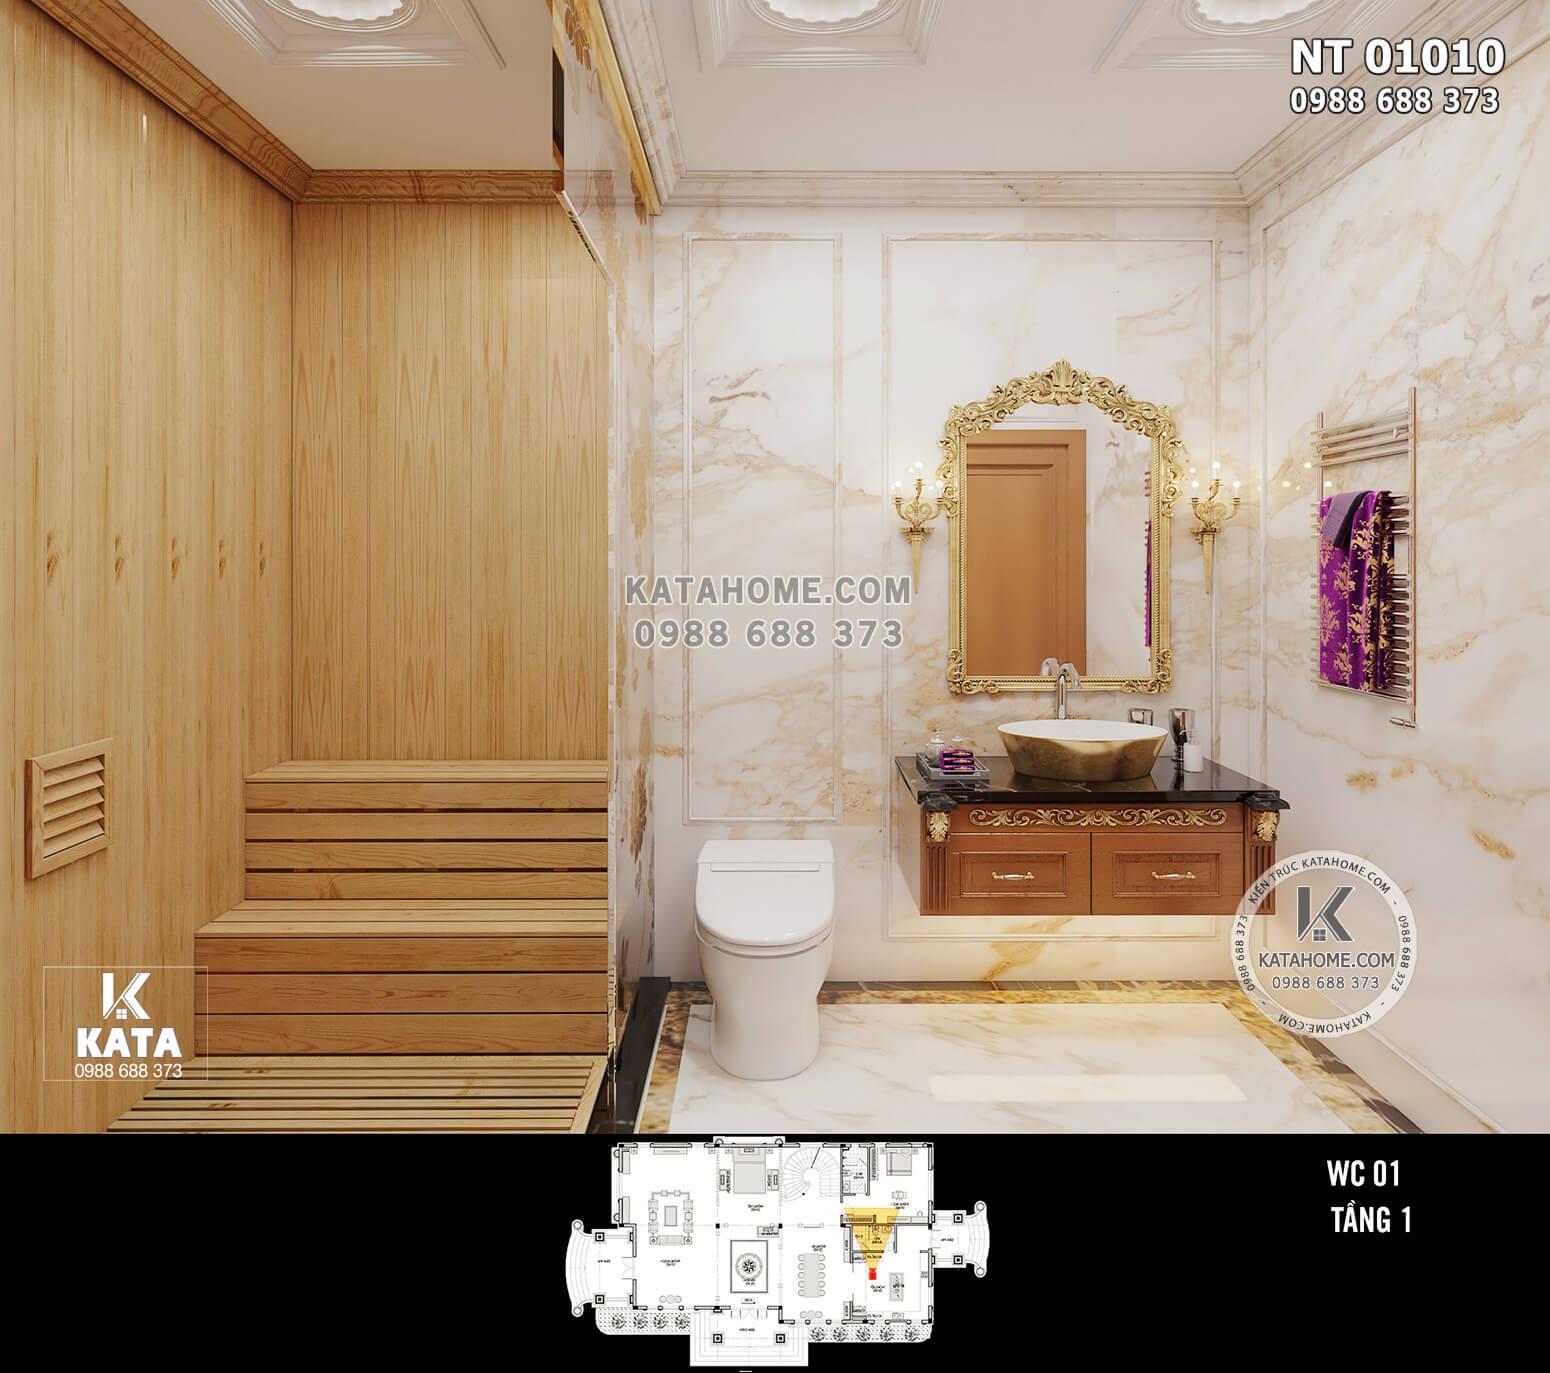 Hình ảnh: Phòng tắm tiện nghi và có giá trị thẩm mỹ cao - NT 01010